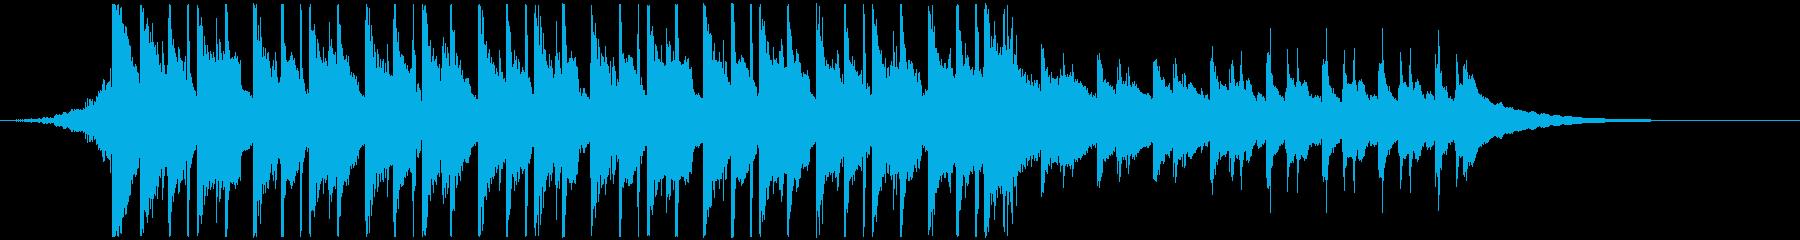 CMや映像に、ハッピーなウクレレ30秒の再生済みの波形